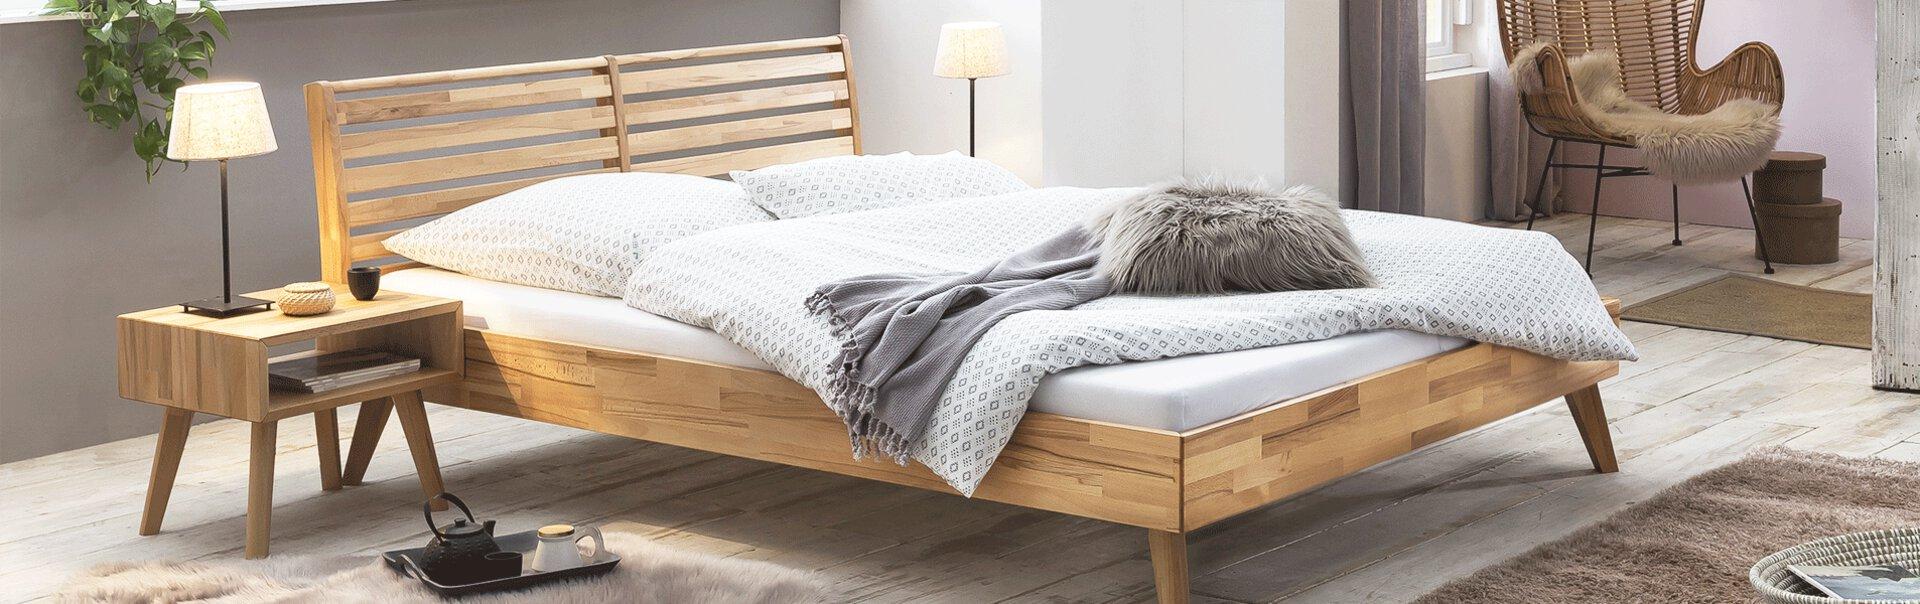 Bett und Nachttisch aus Massivholz. Dazu ein Fellteppich und weiße Bettwäsche.